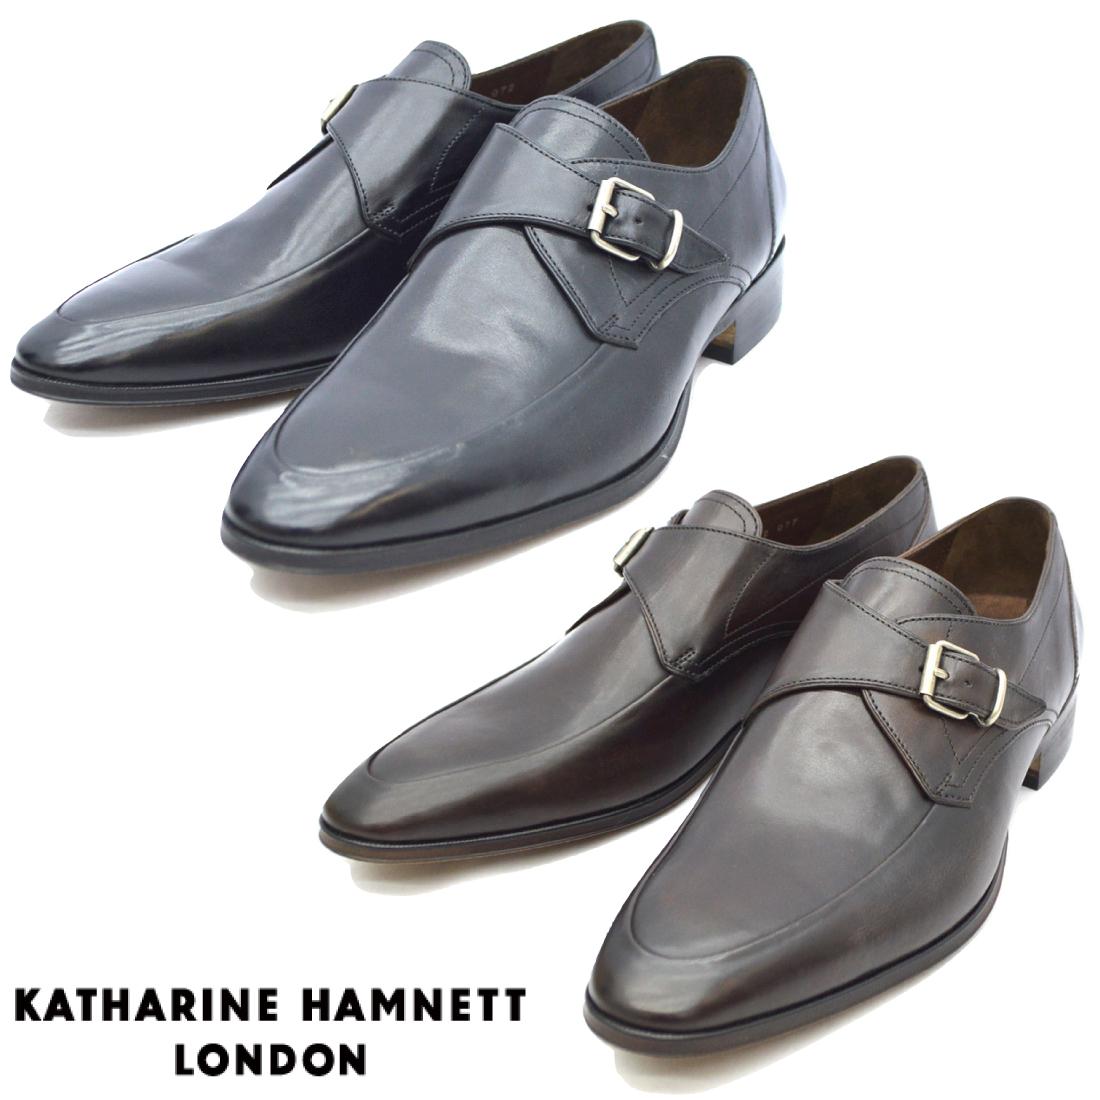 KATHARINE HAMNETT キャサリンハムネット モンクストラップ ビジネス シューズ 31632 紳士靴 【nesh】 【新品】